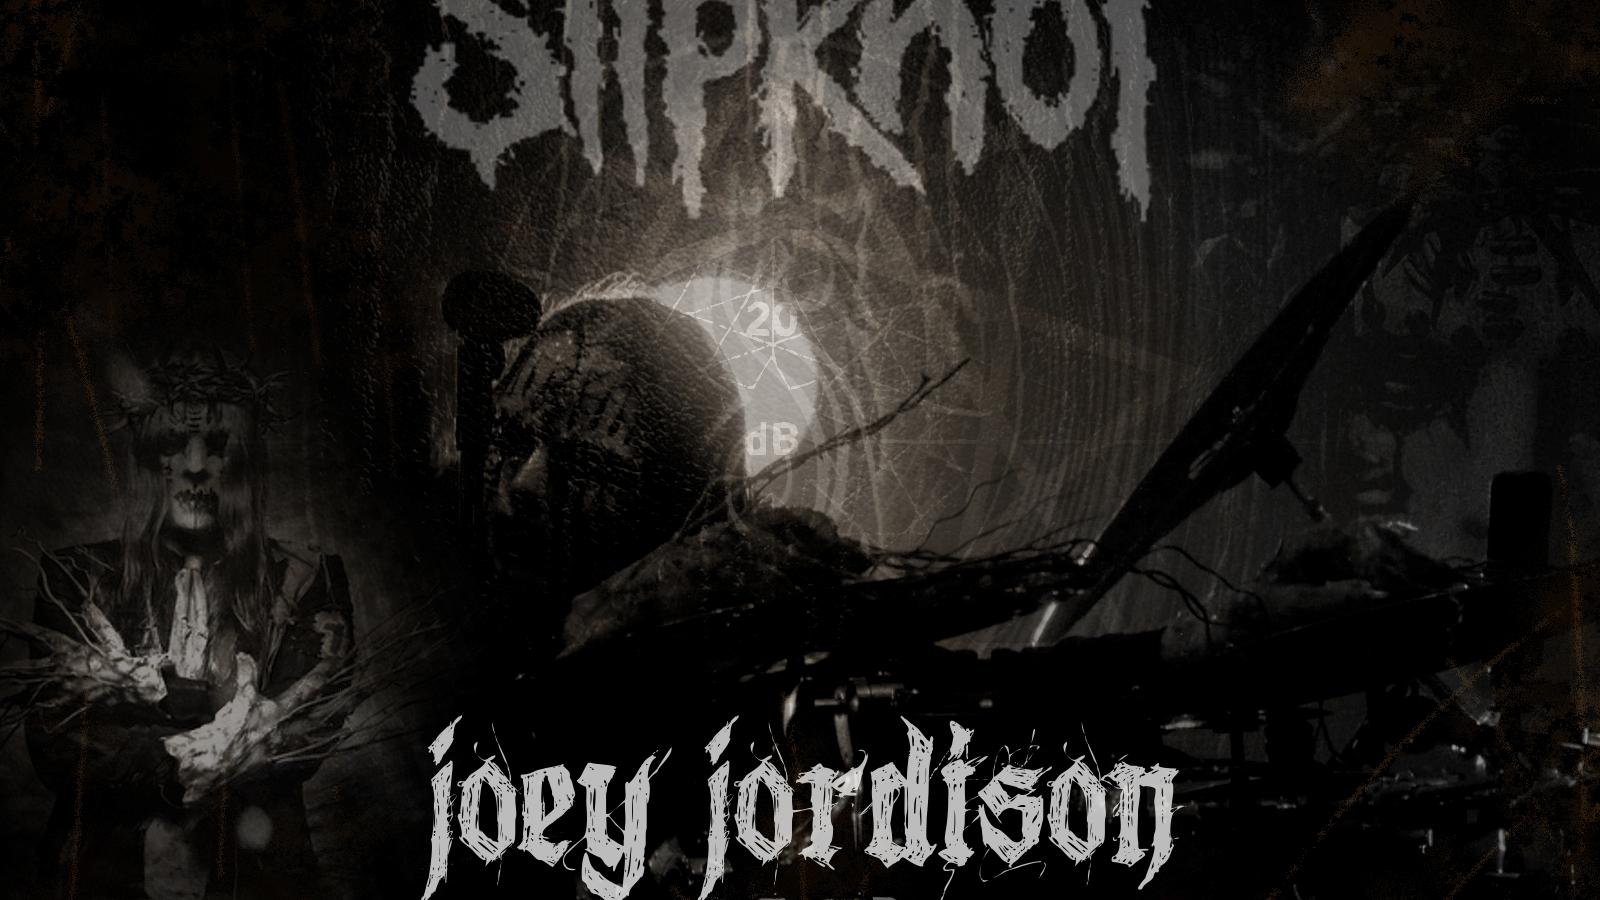 Joey Jordison Wallpaper Wwwtopsimagescom